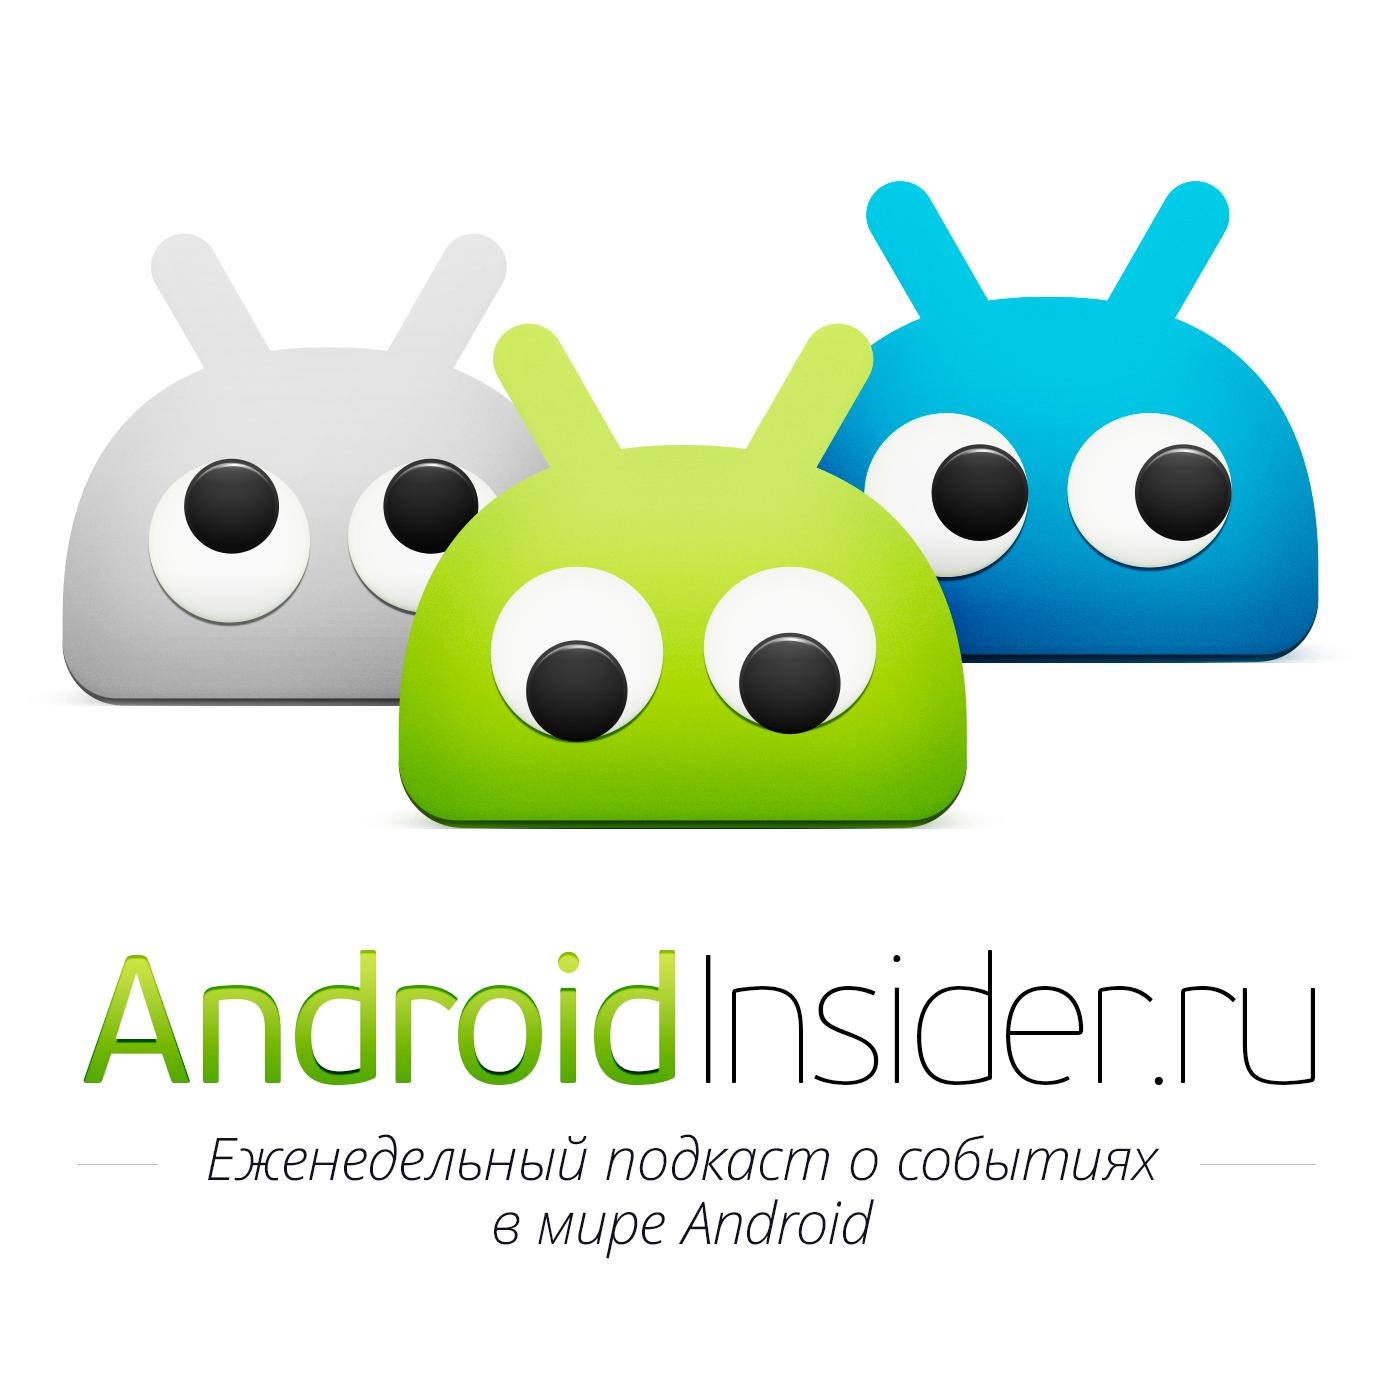 Илья Ильин Xiaomi, Windows и AnTuTu илья ильин android m и прощание с blackphone